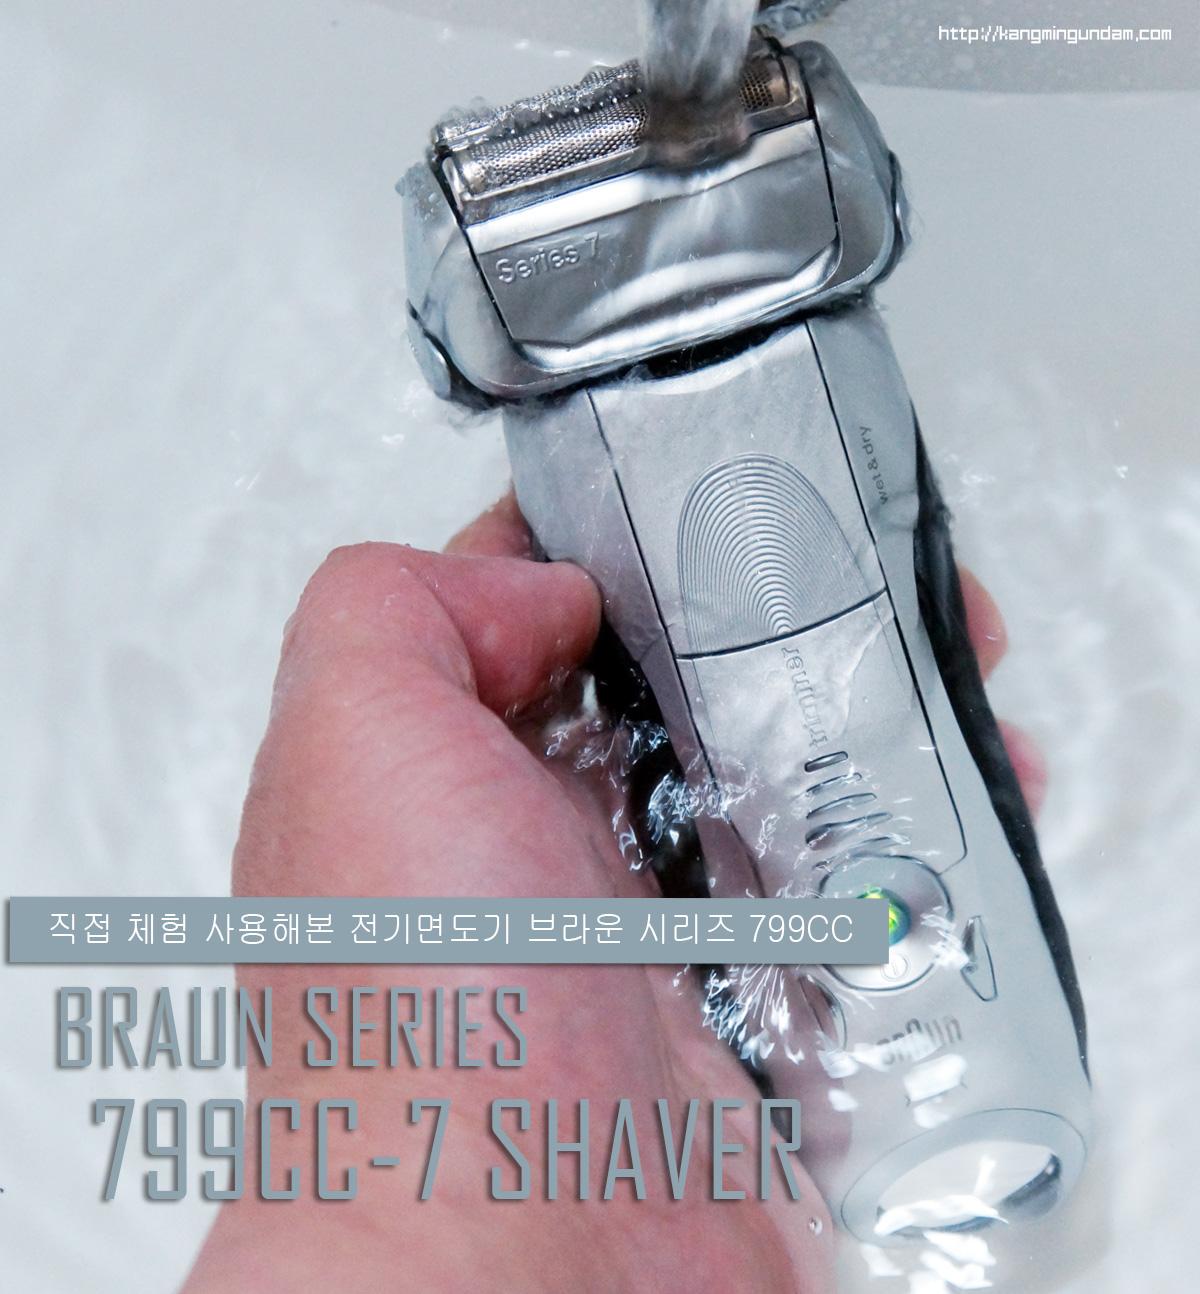 전기면도기 브라운 시리즈7 799CC Braun 면도기 -01.jpg